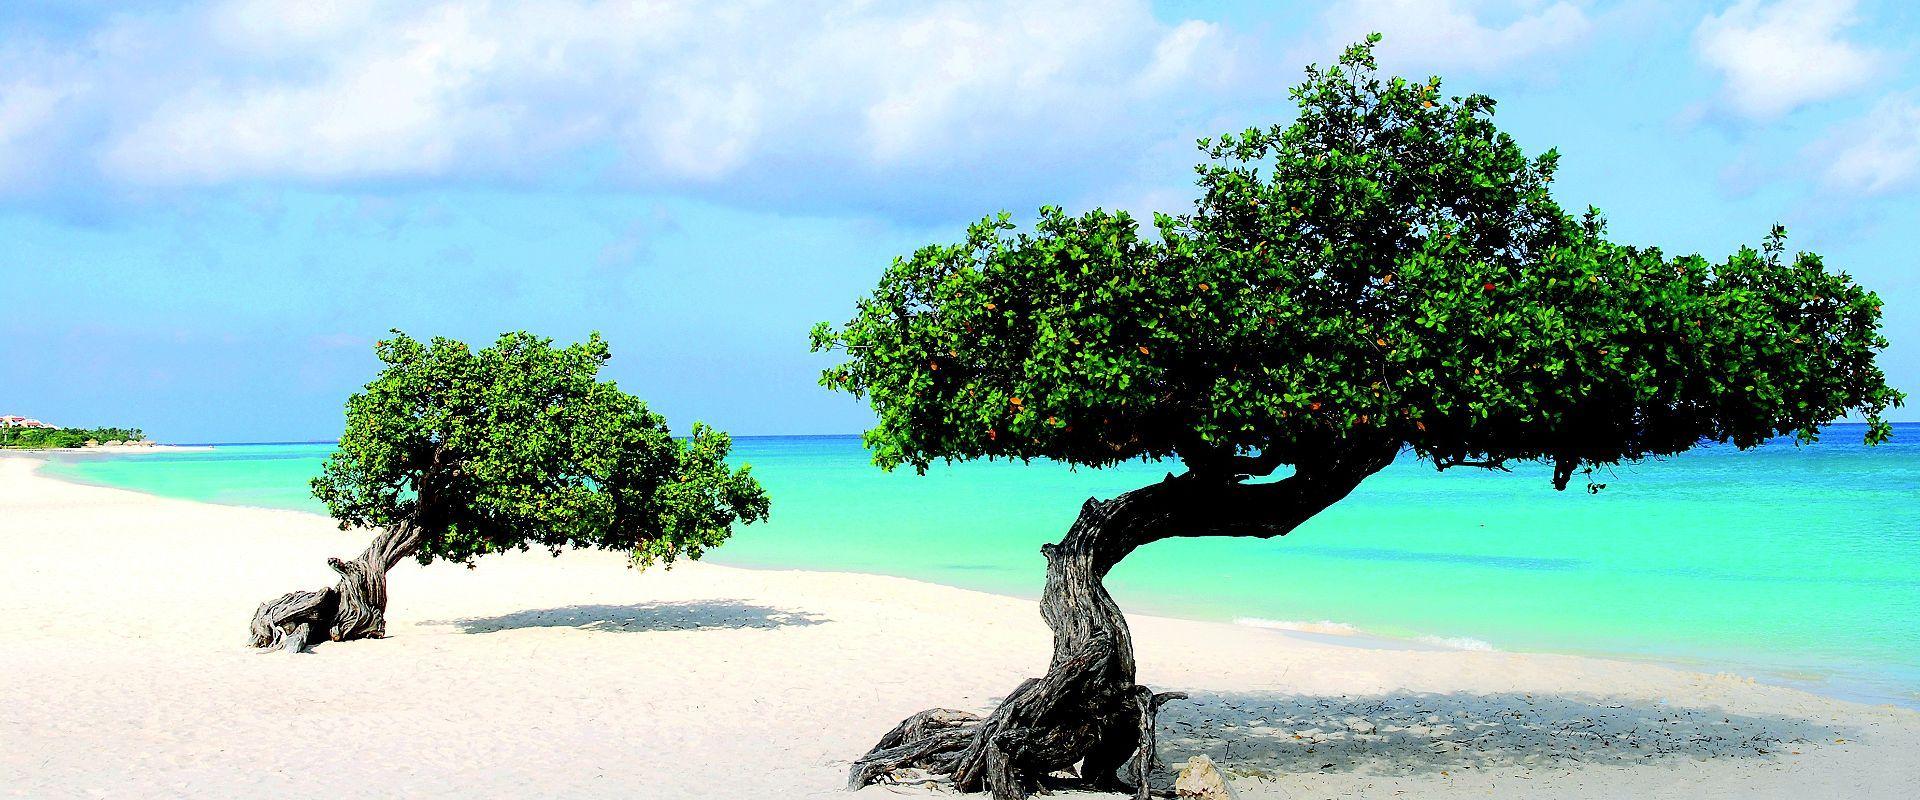 南カリブ海クルーズ 9泊10日